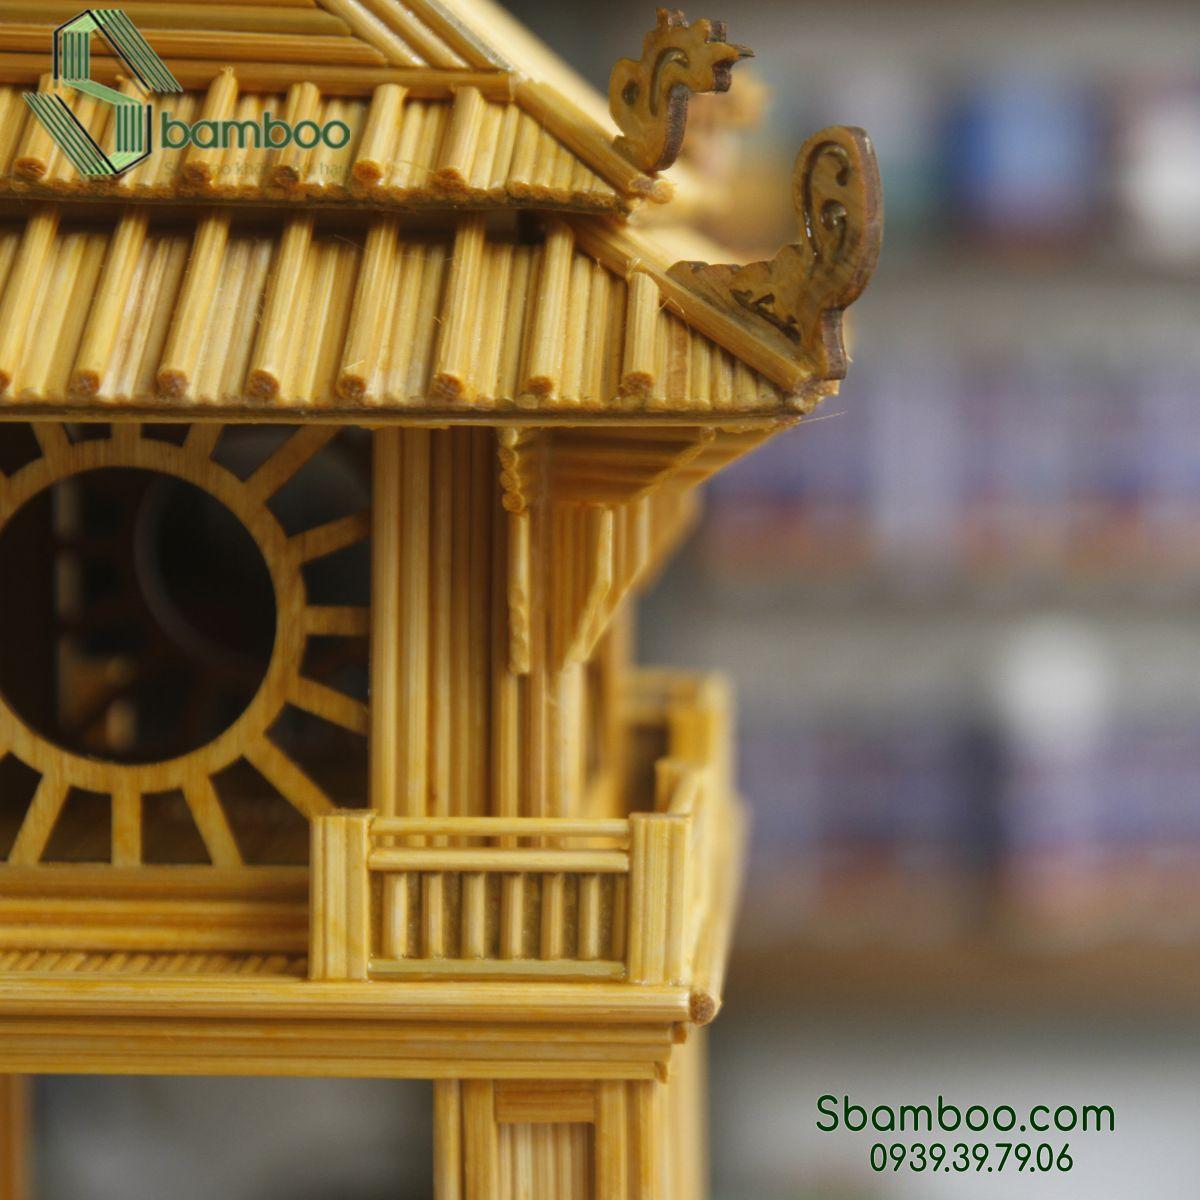 Mô hình tăm tre Sbamboo- Khuê Văn Các (Hà Nội)